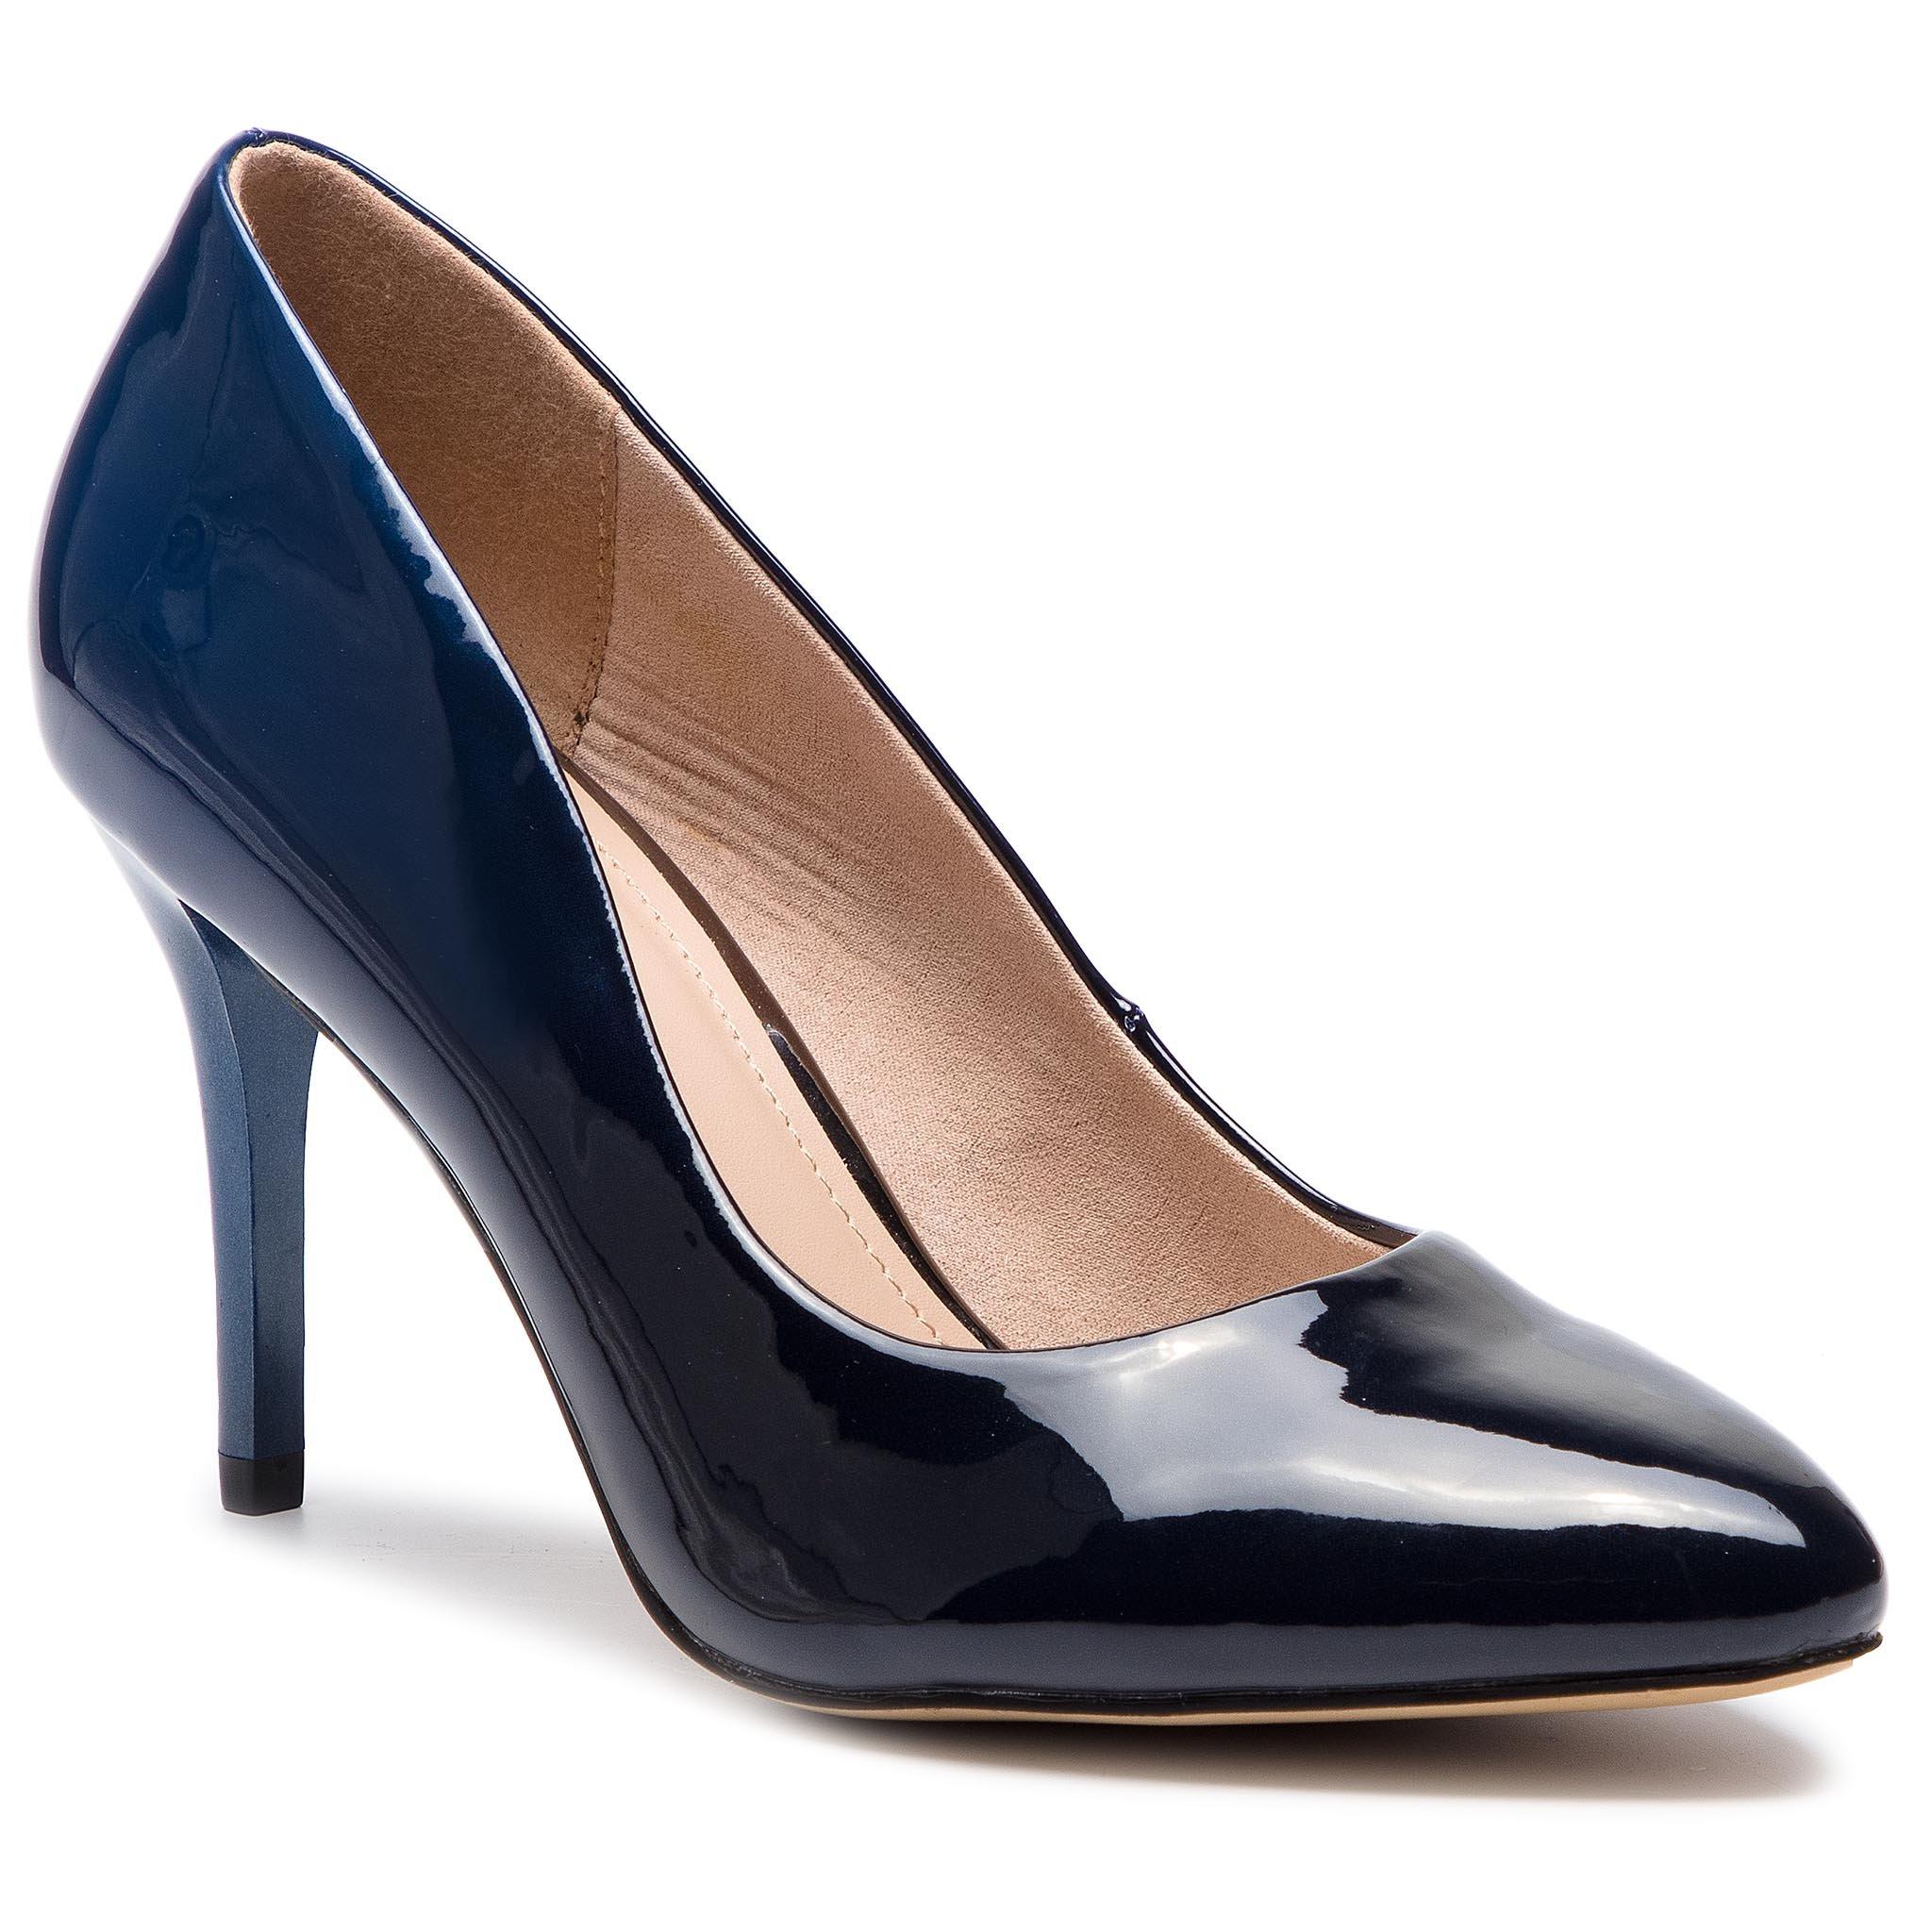 ab4e8db4c Jenny Fairy - zamów damskie obuwie Jenny Fairy na CCC online - https ...